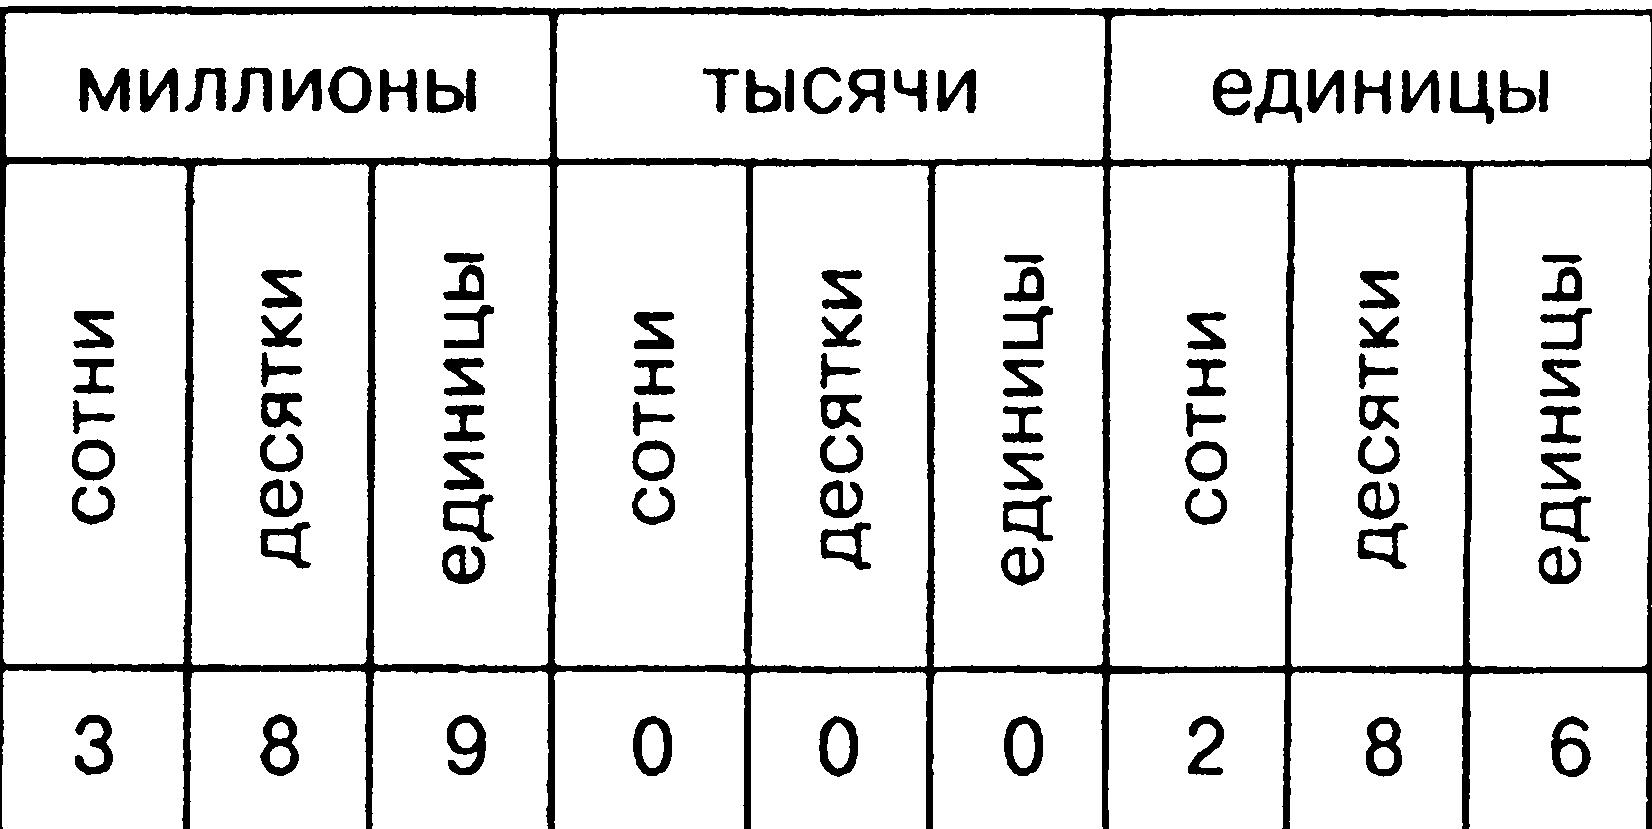 Персональное число года